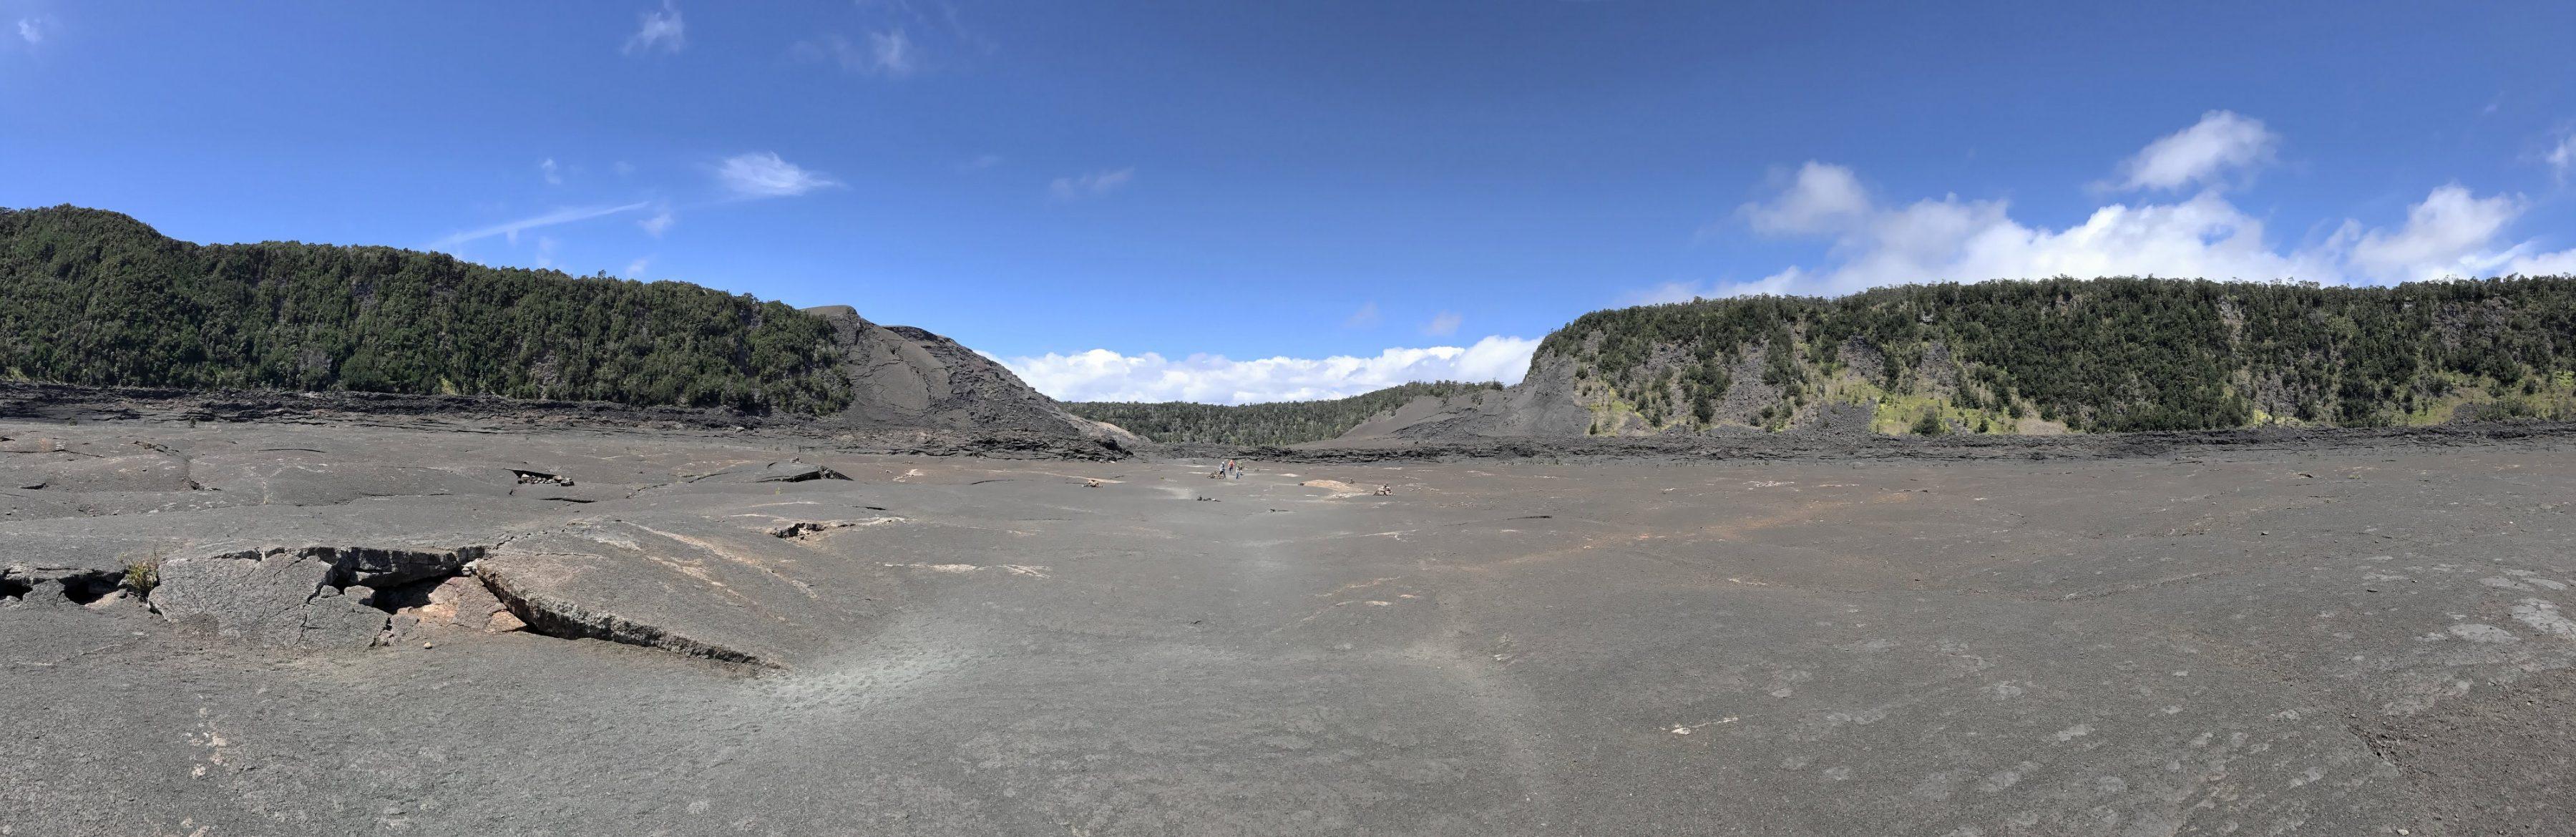 Le fond du lac de lave du Kilauea Iki